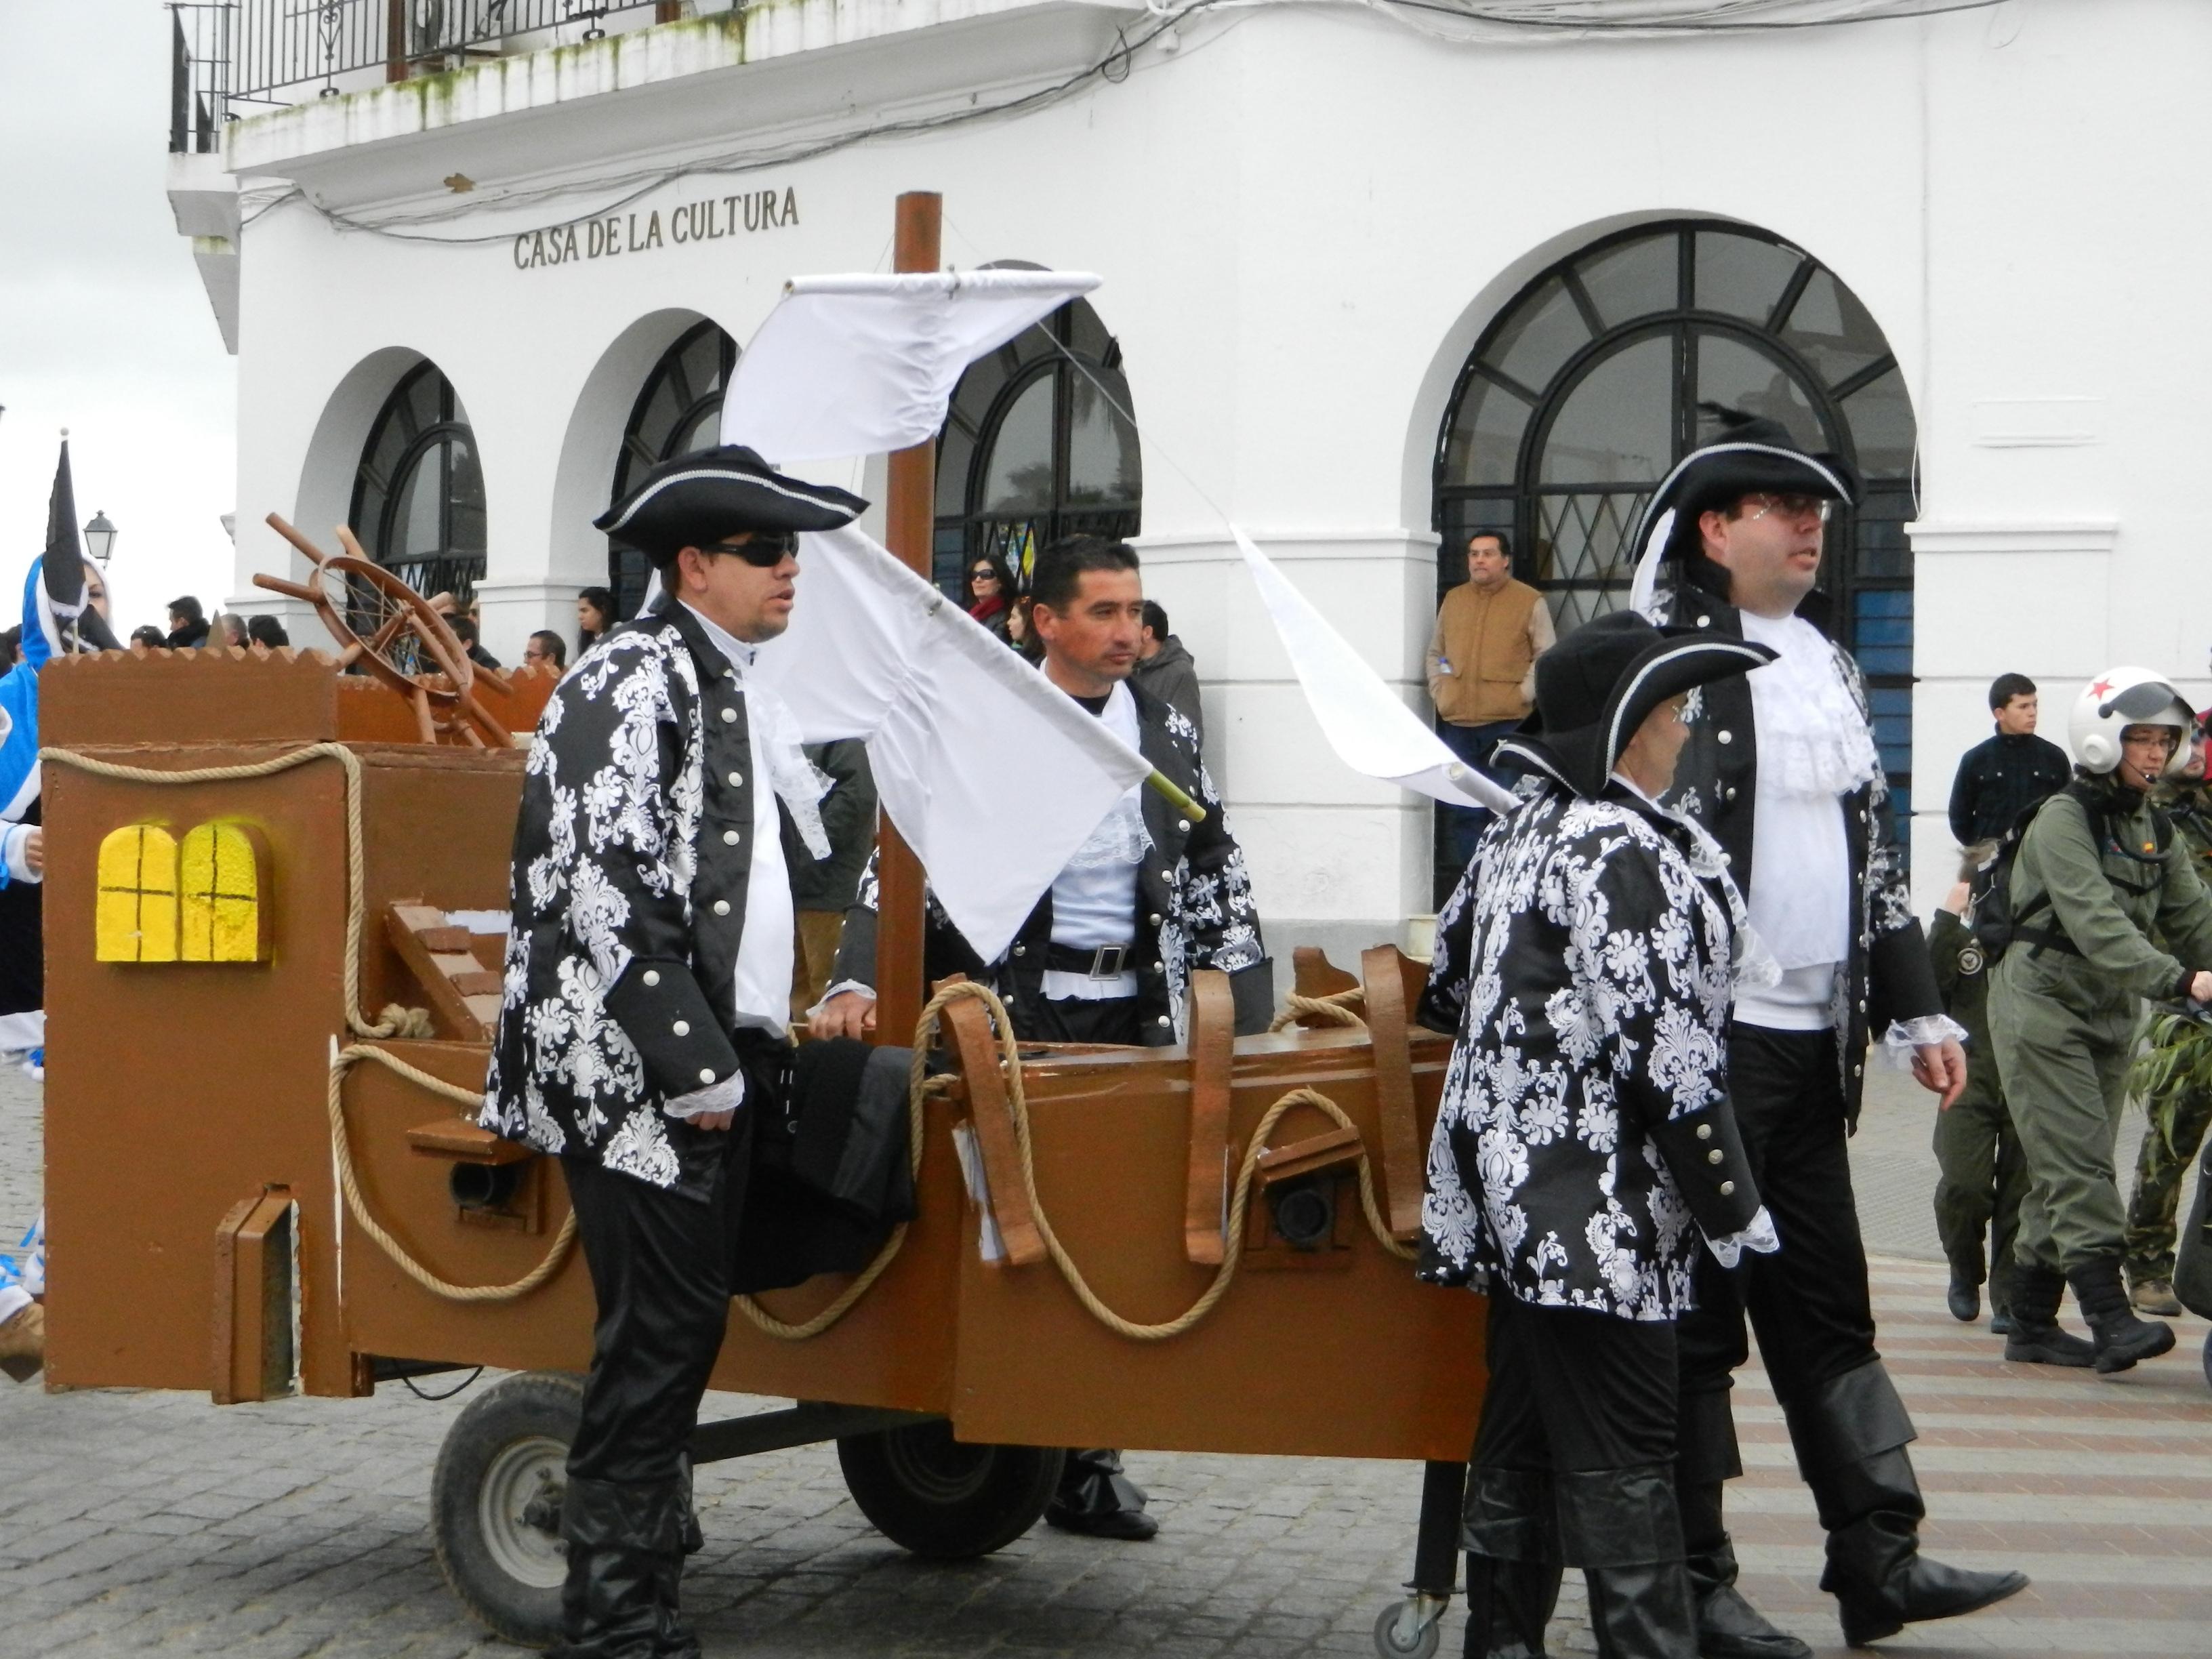 Carrozas en el desfile del domingo